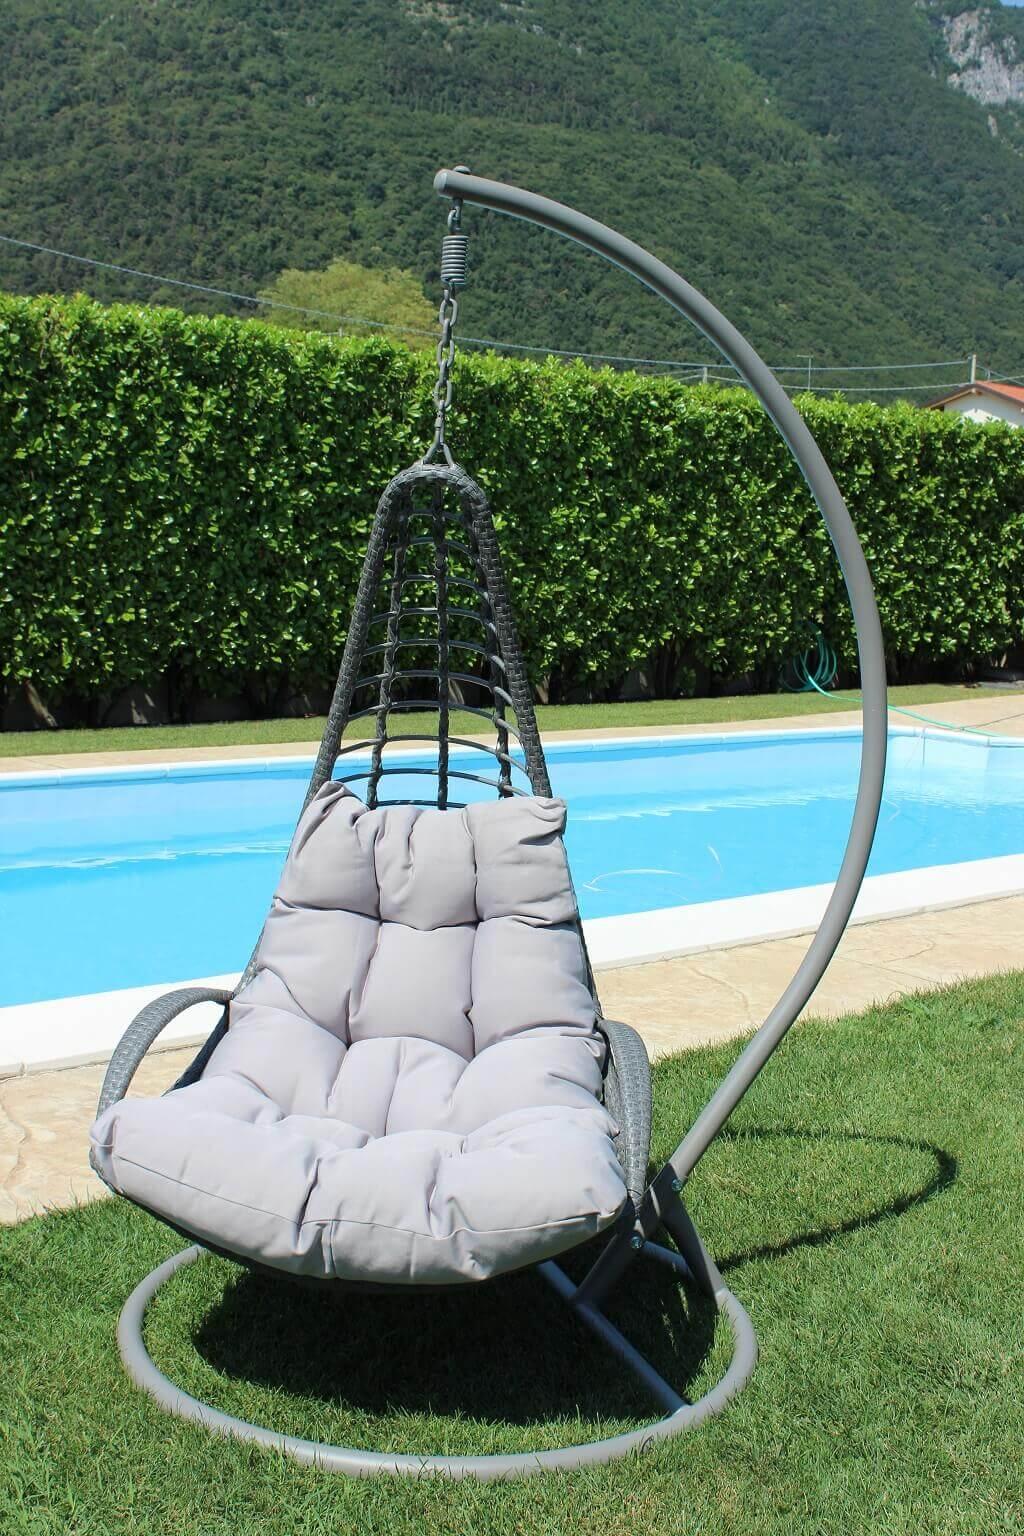 Milani Home AVUS - dondolo da giardino con struttura metallo completo di cuscini intreccio in rattan sintetico